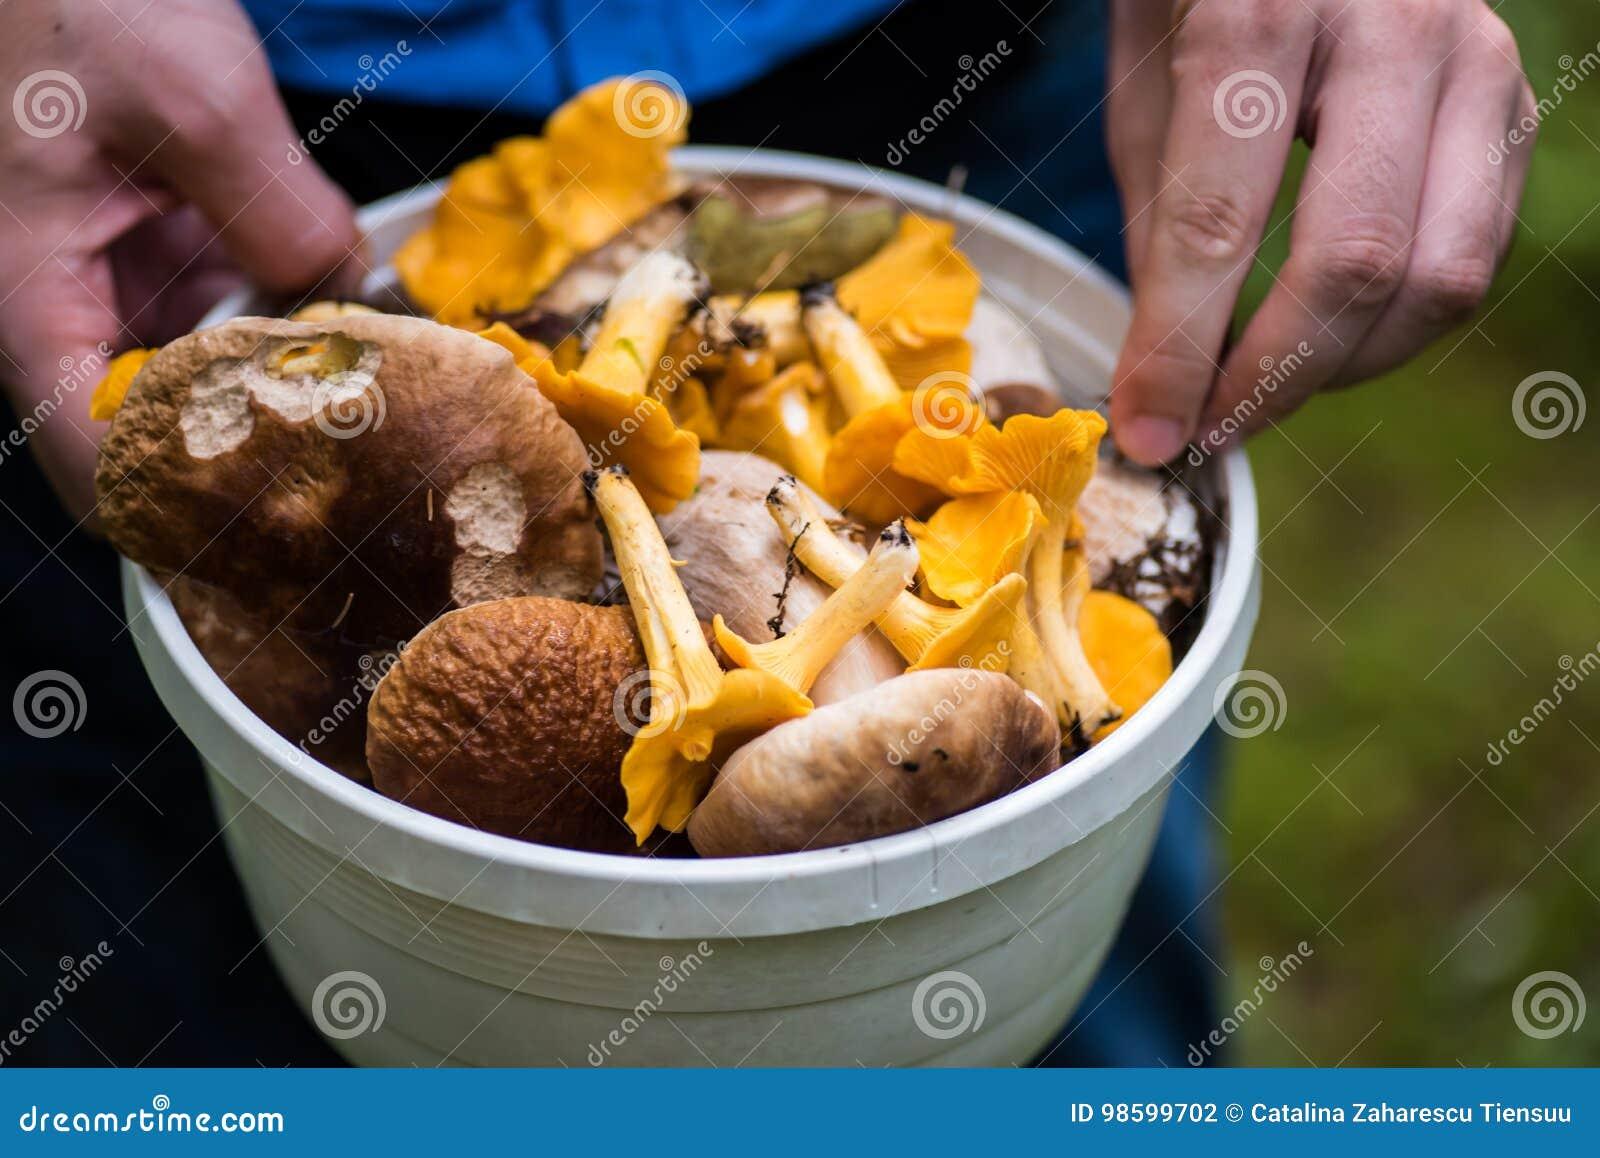 Plan rapproché de forager sur un seau complètement de champignons